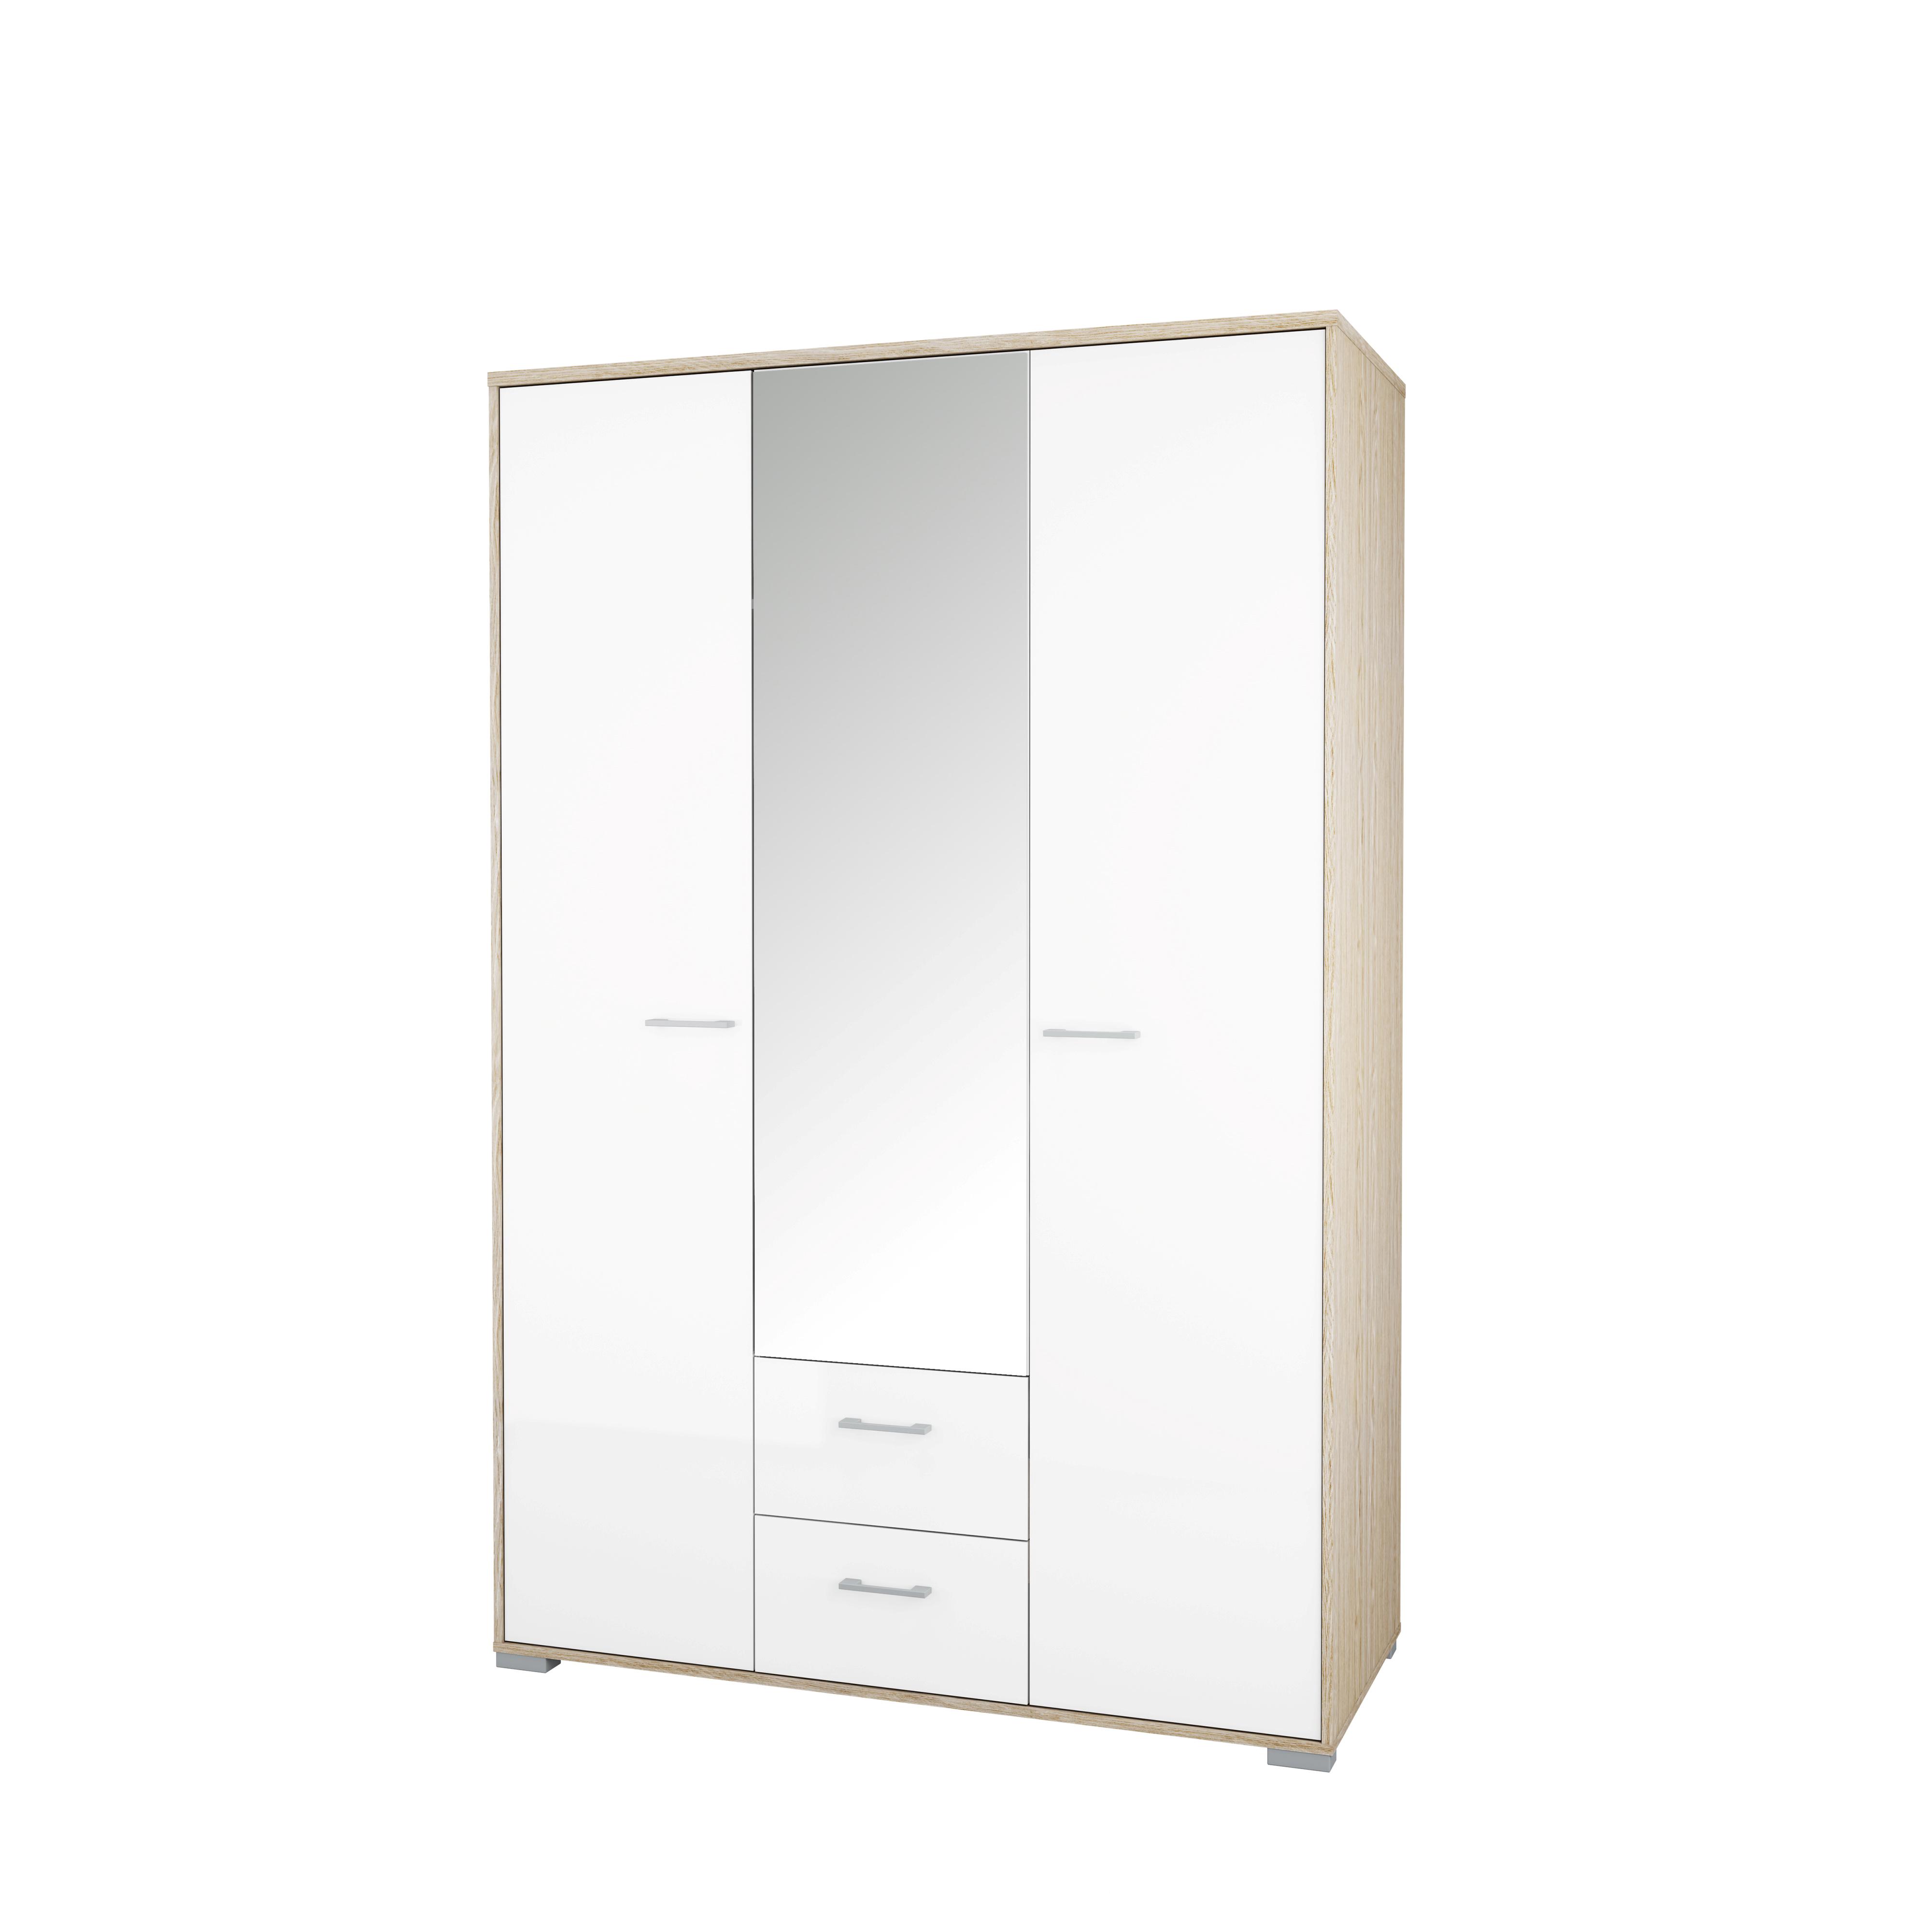 Image of   Homeline garderobeskab - hvid/natur træ, m. spejl, m. 3 låger og 2 skuffer